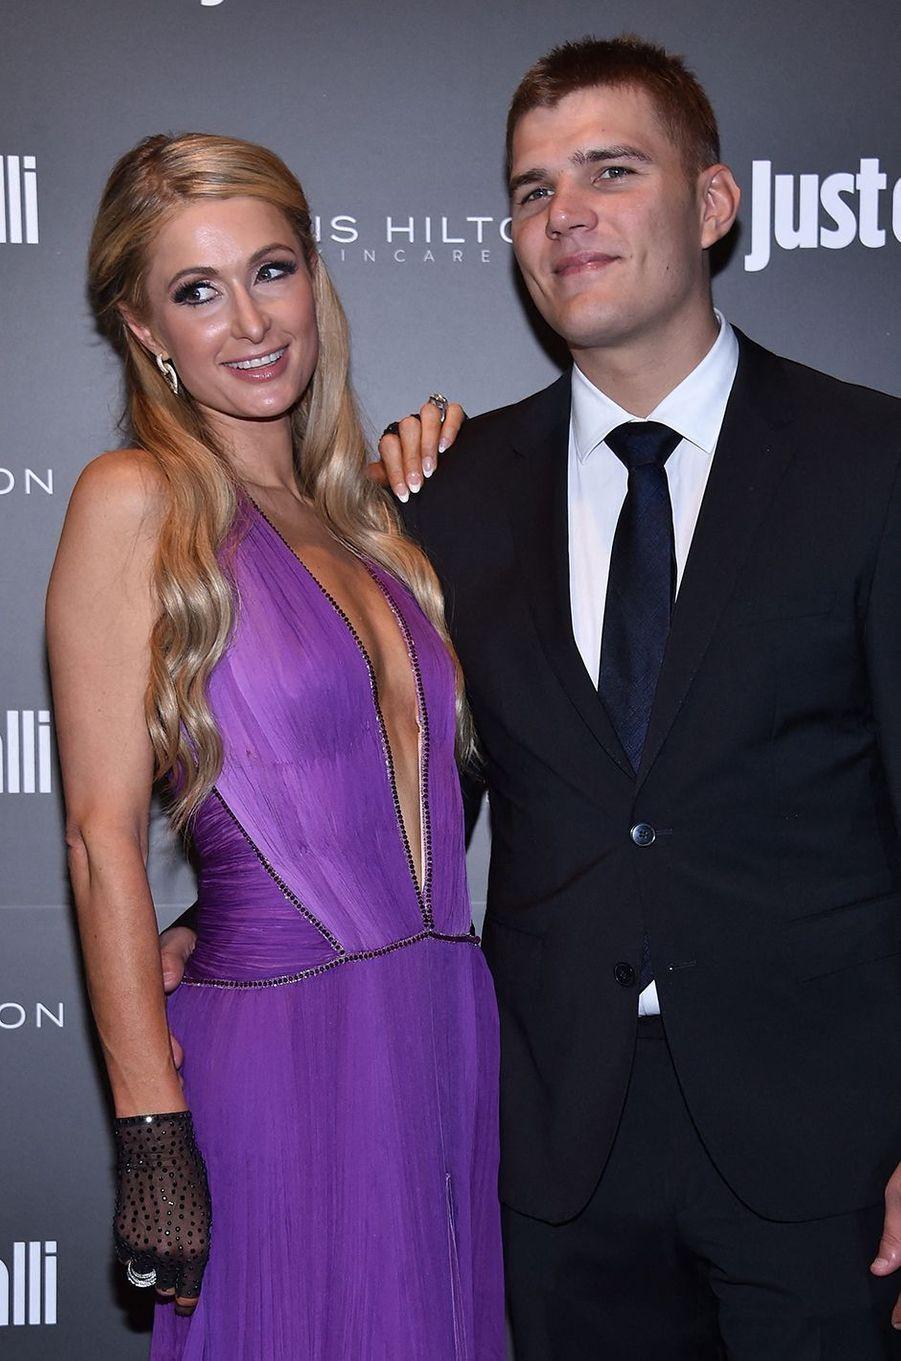 Paris Hilton et Chris Zylka (acteur vu dans la série «The Leftovers») s'étaient fiancés en 2018 après un an de relation. Ils ont rompu quelques mois plus tard.